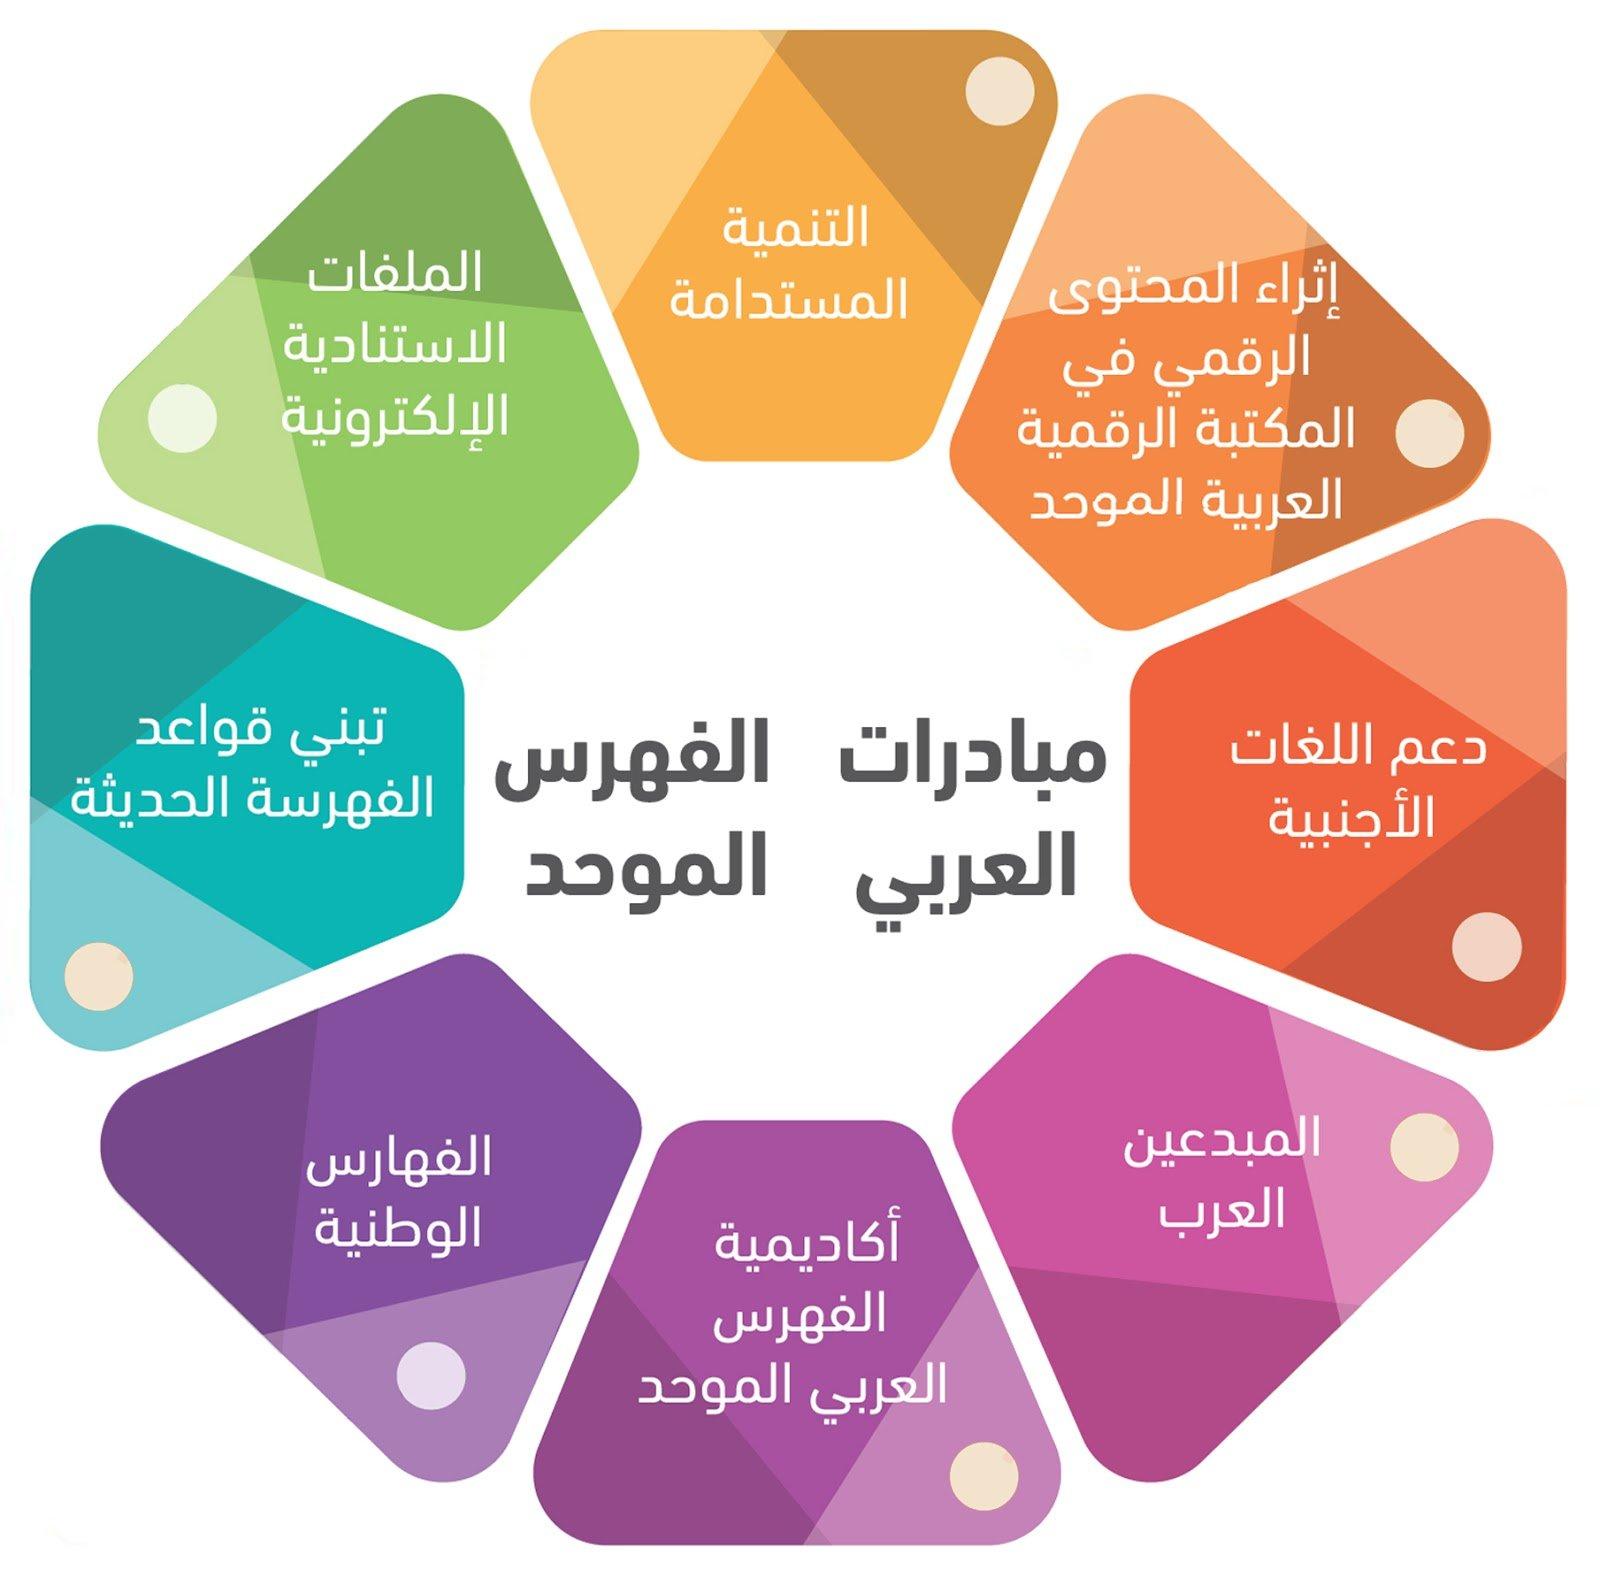 دورات الفهرس العربي الموحد